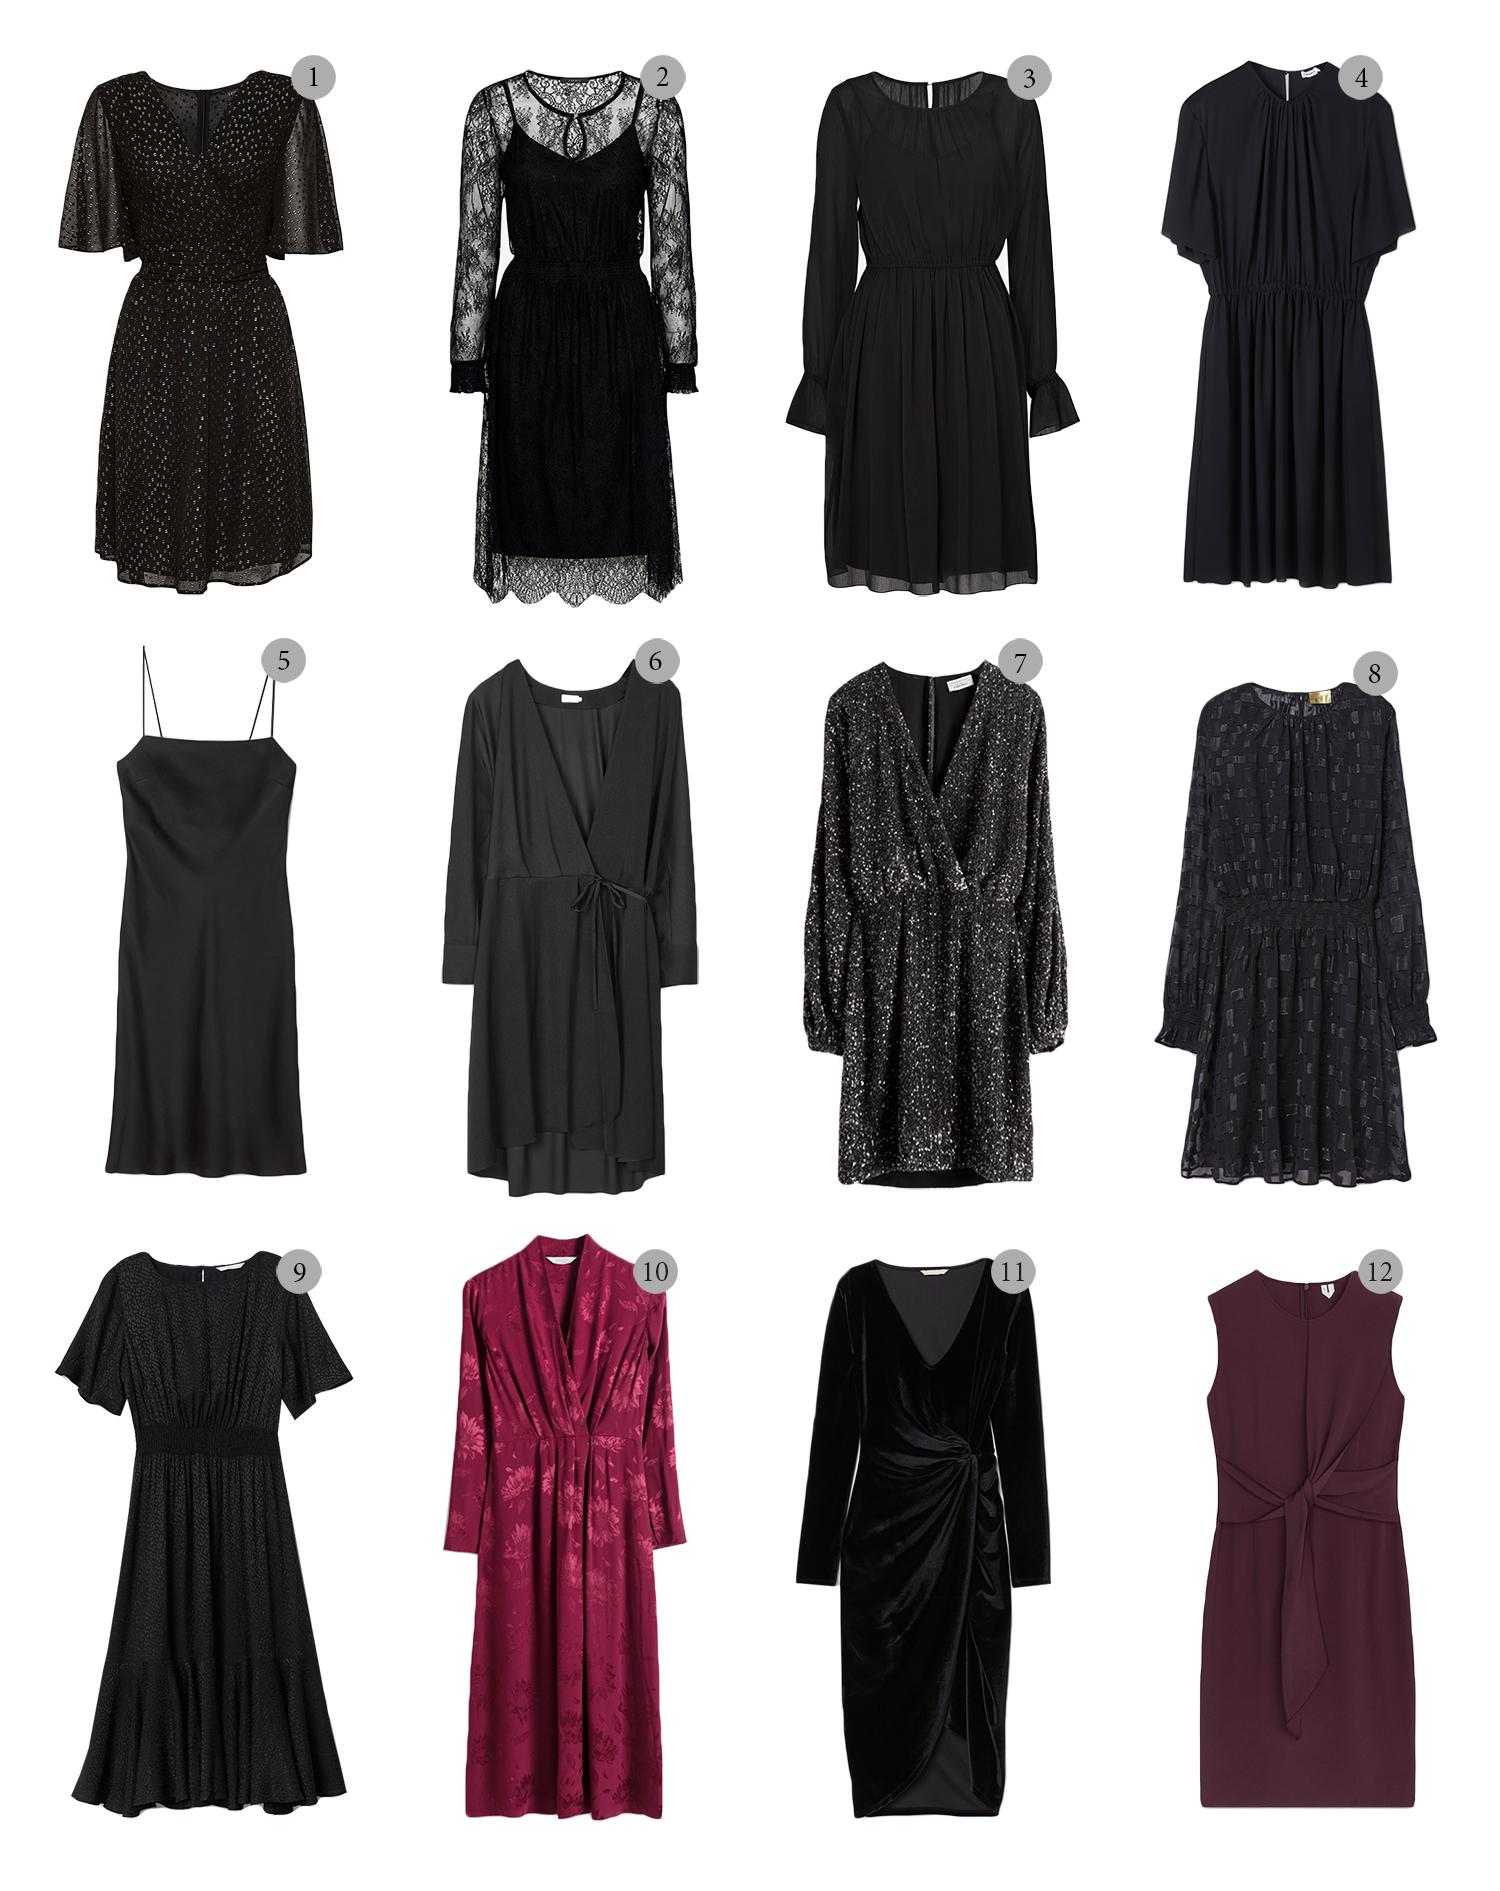 4f70b55a80c3 12 kjoler til julefrokosten - Christina Dueholm